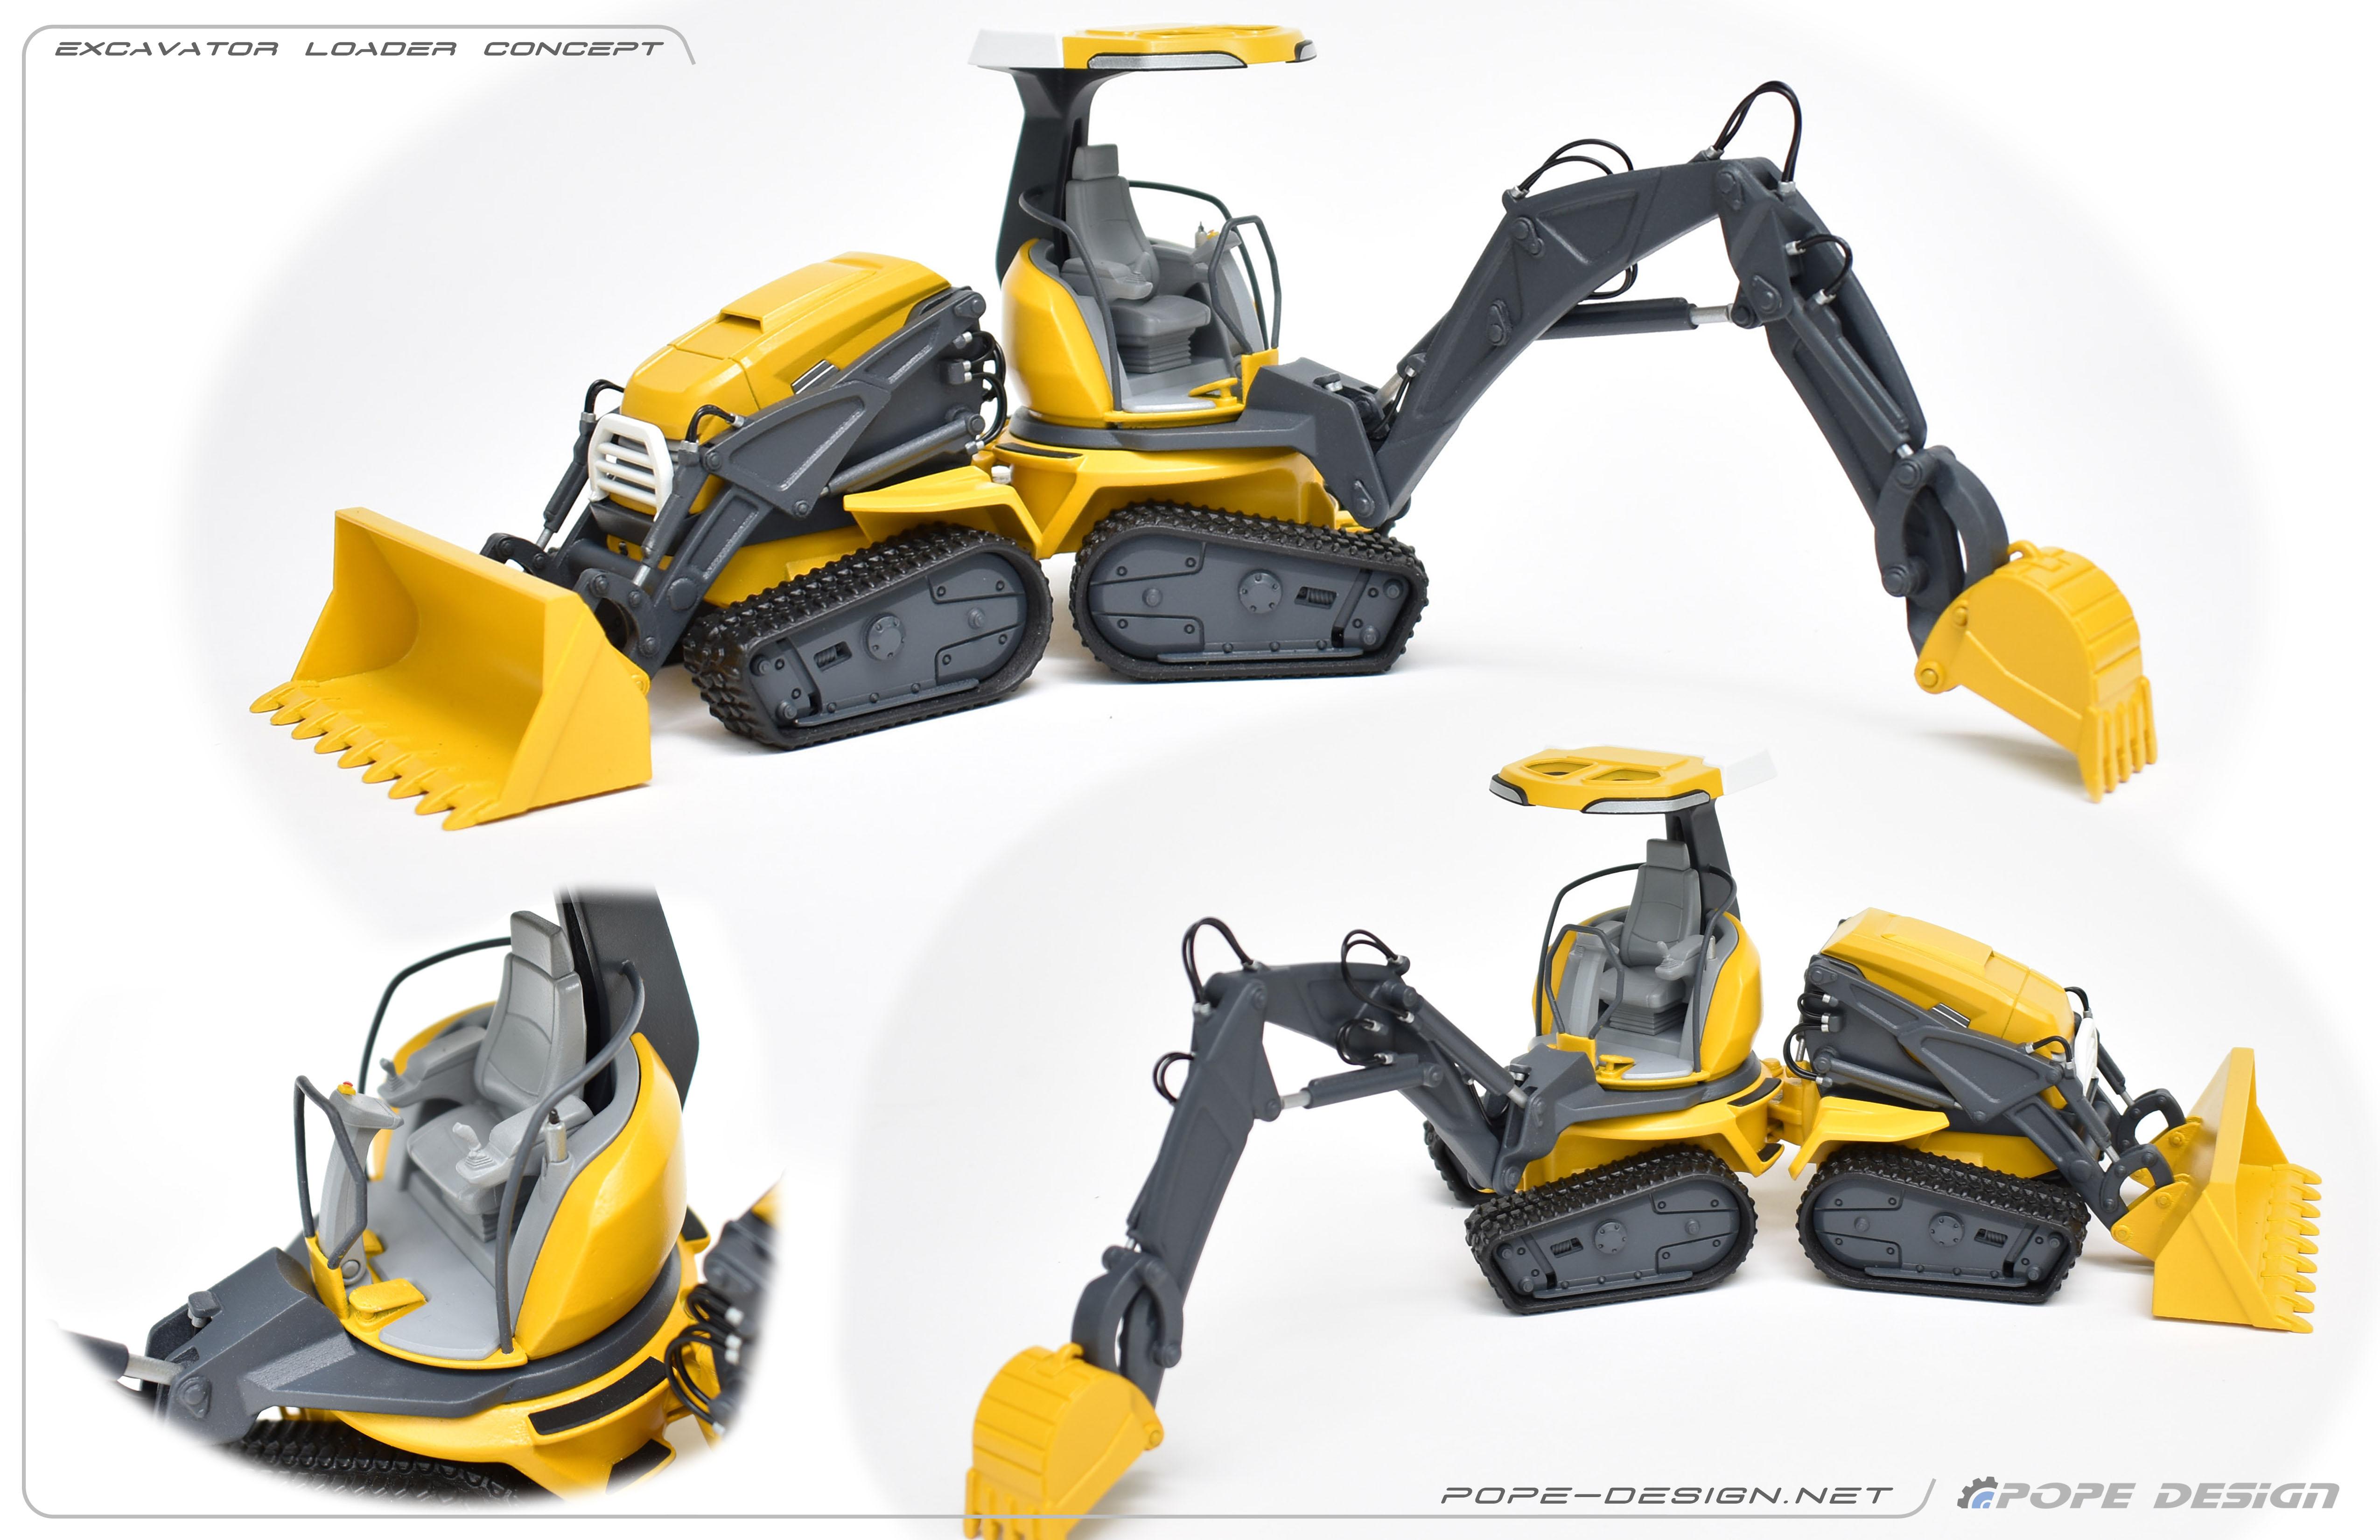 Excavator-loader-concept001.jpg